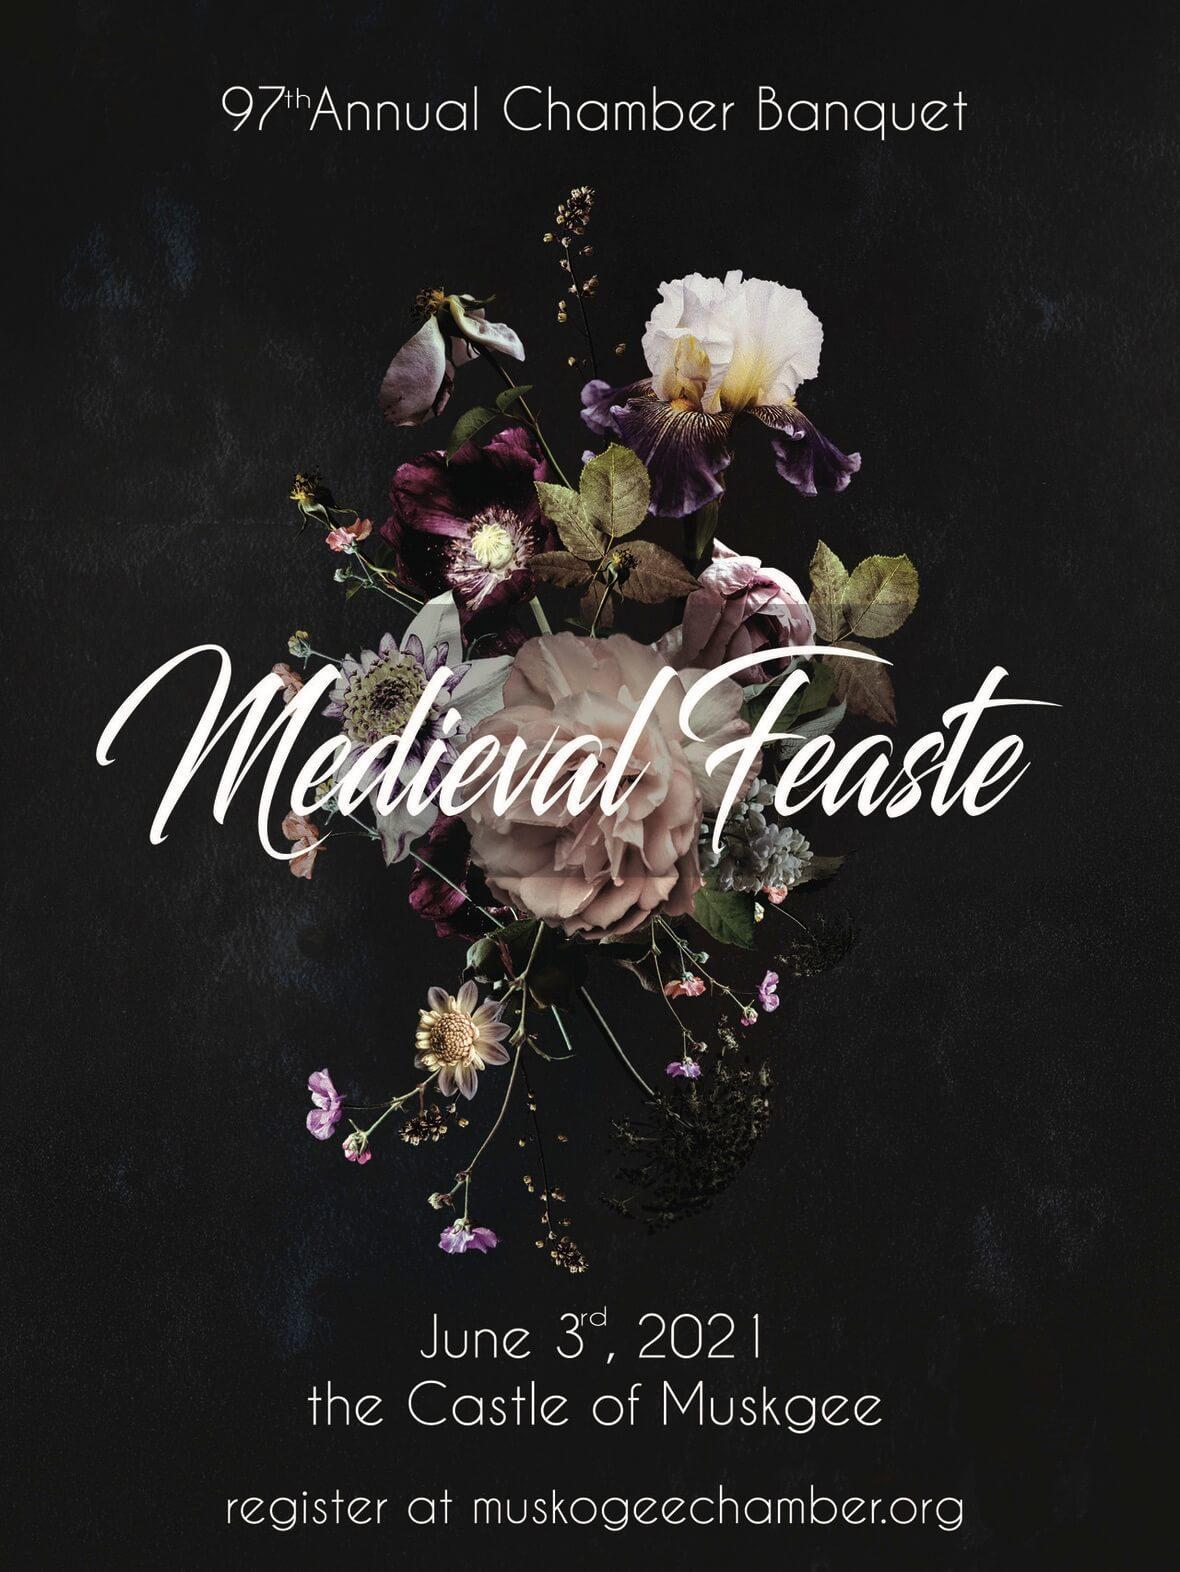 Medieval Feaste